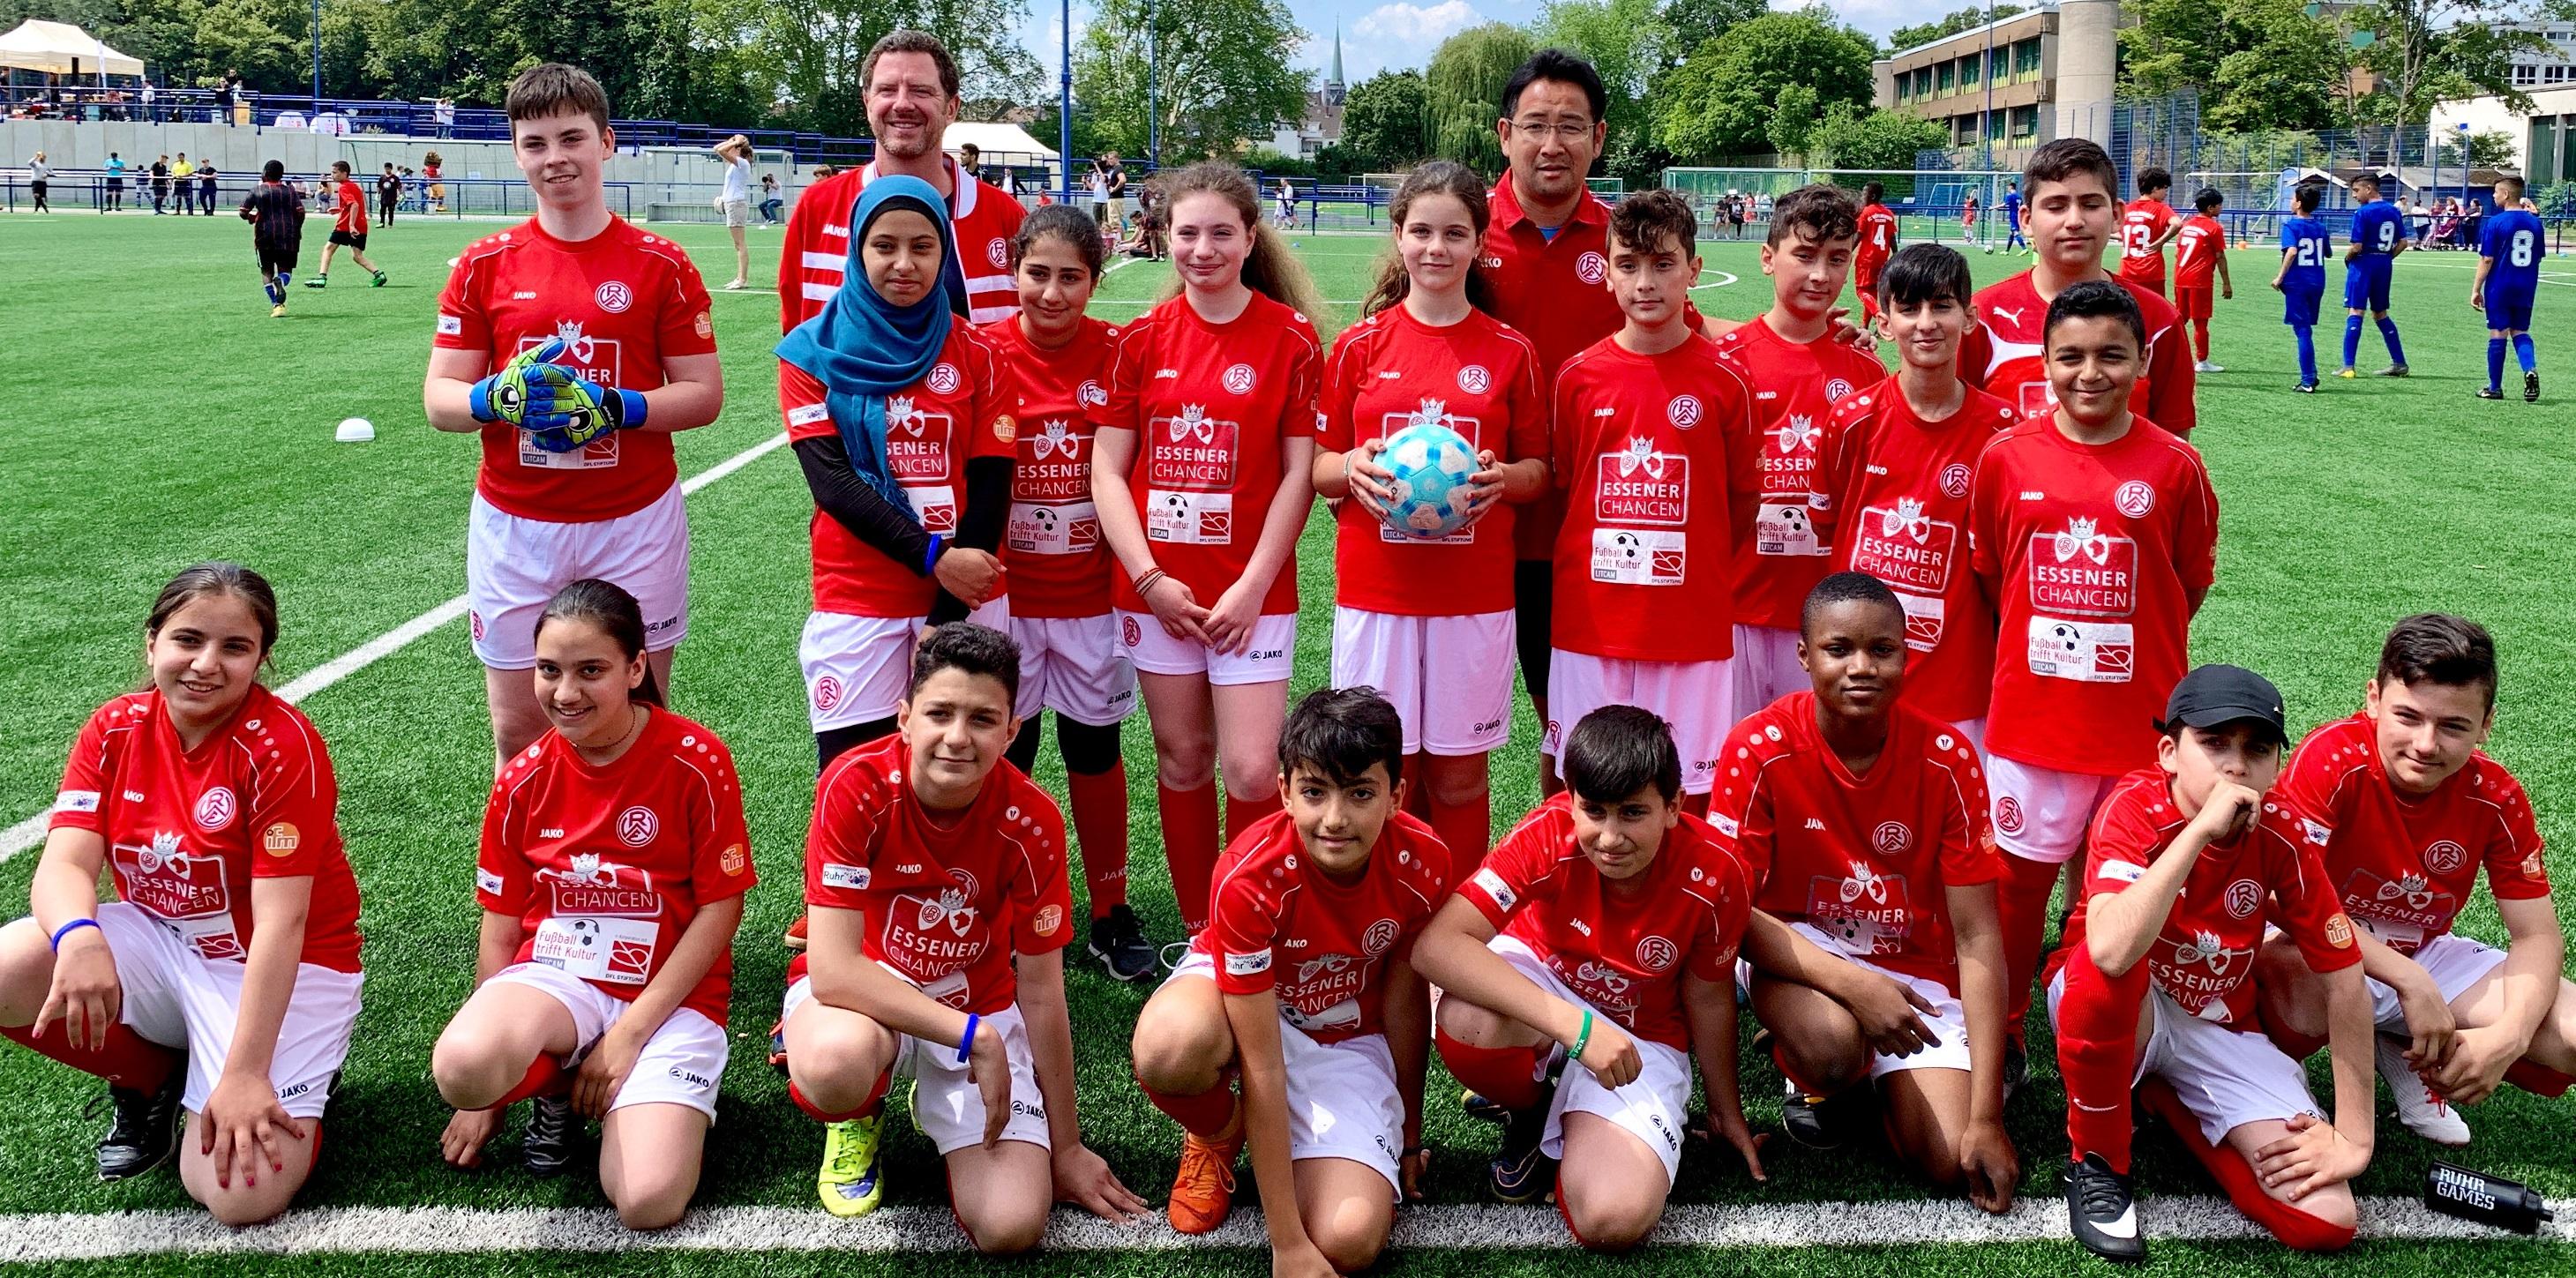 Einzigartige Erfahrung: Die Kinder von Fußball trifft Kultur kickten auf dem großen Abschlussturnier in den rot-weissen Farben gegen Bundesligaklubs. (Foto: EC)